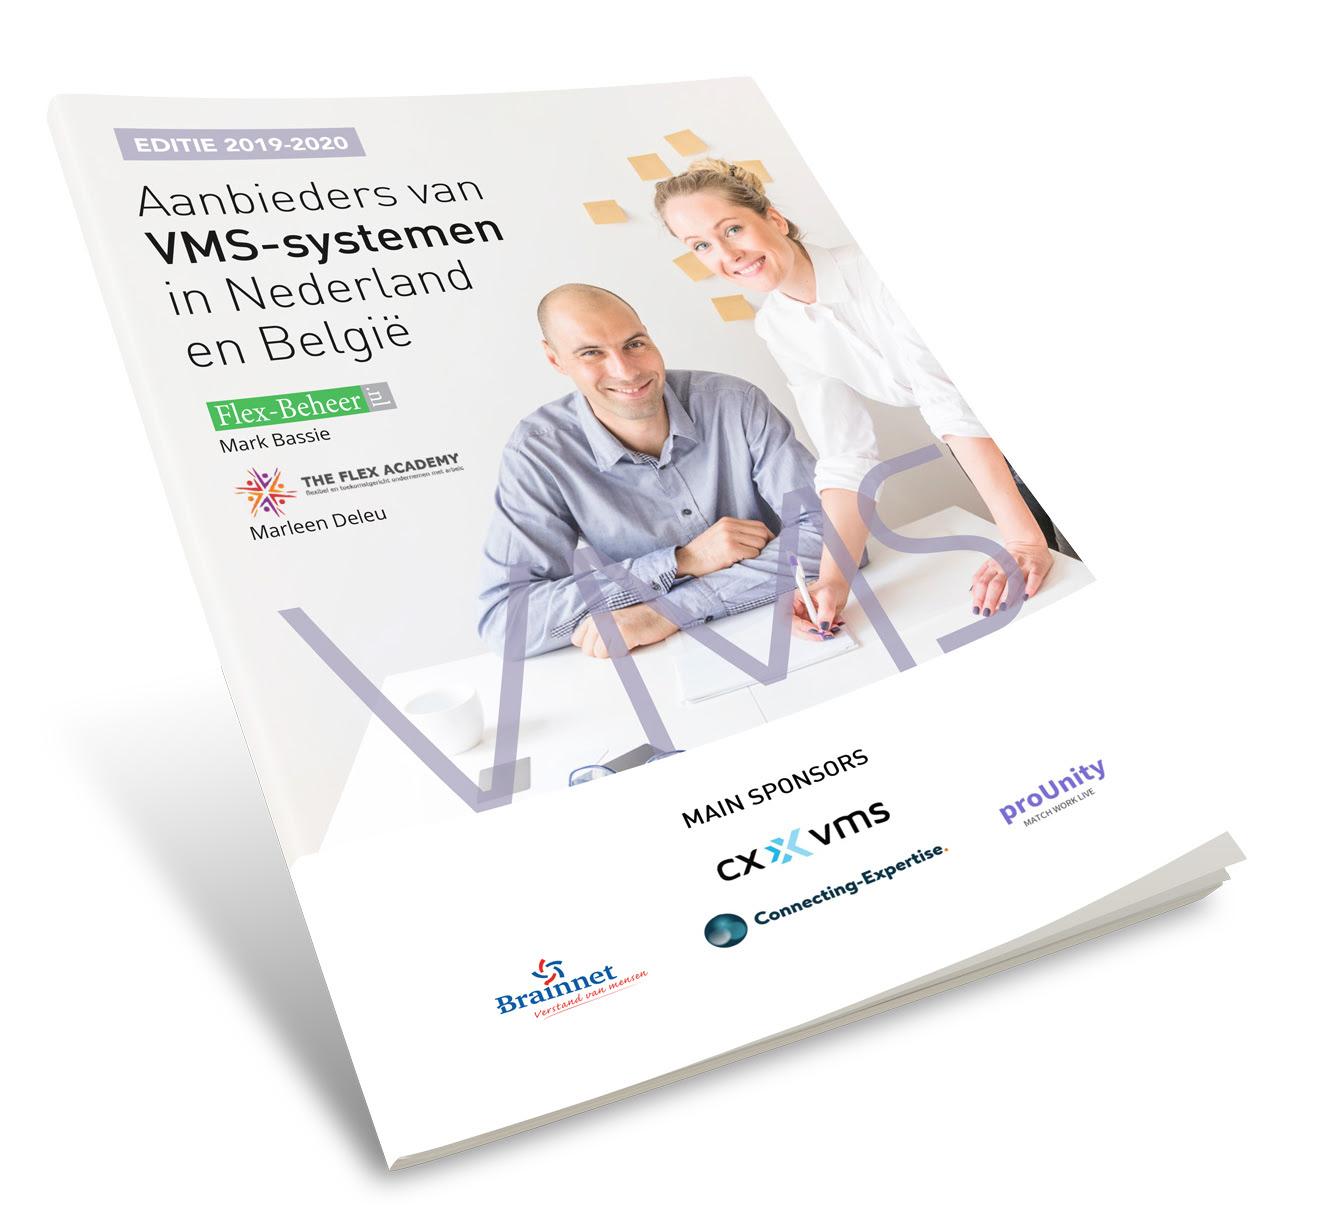 VMS Systemen in Nederland en België